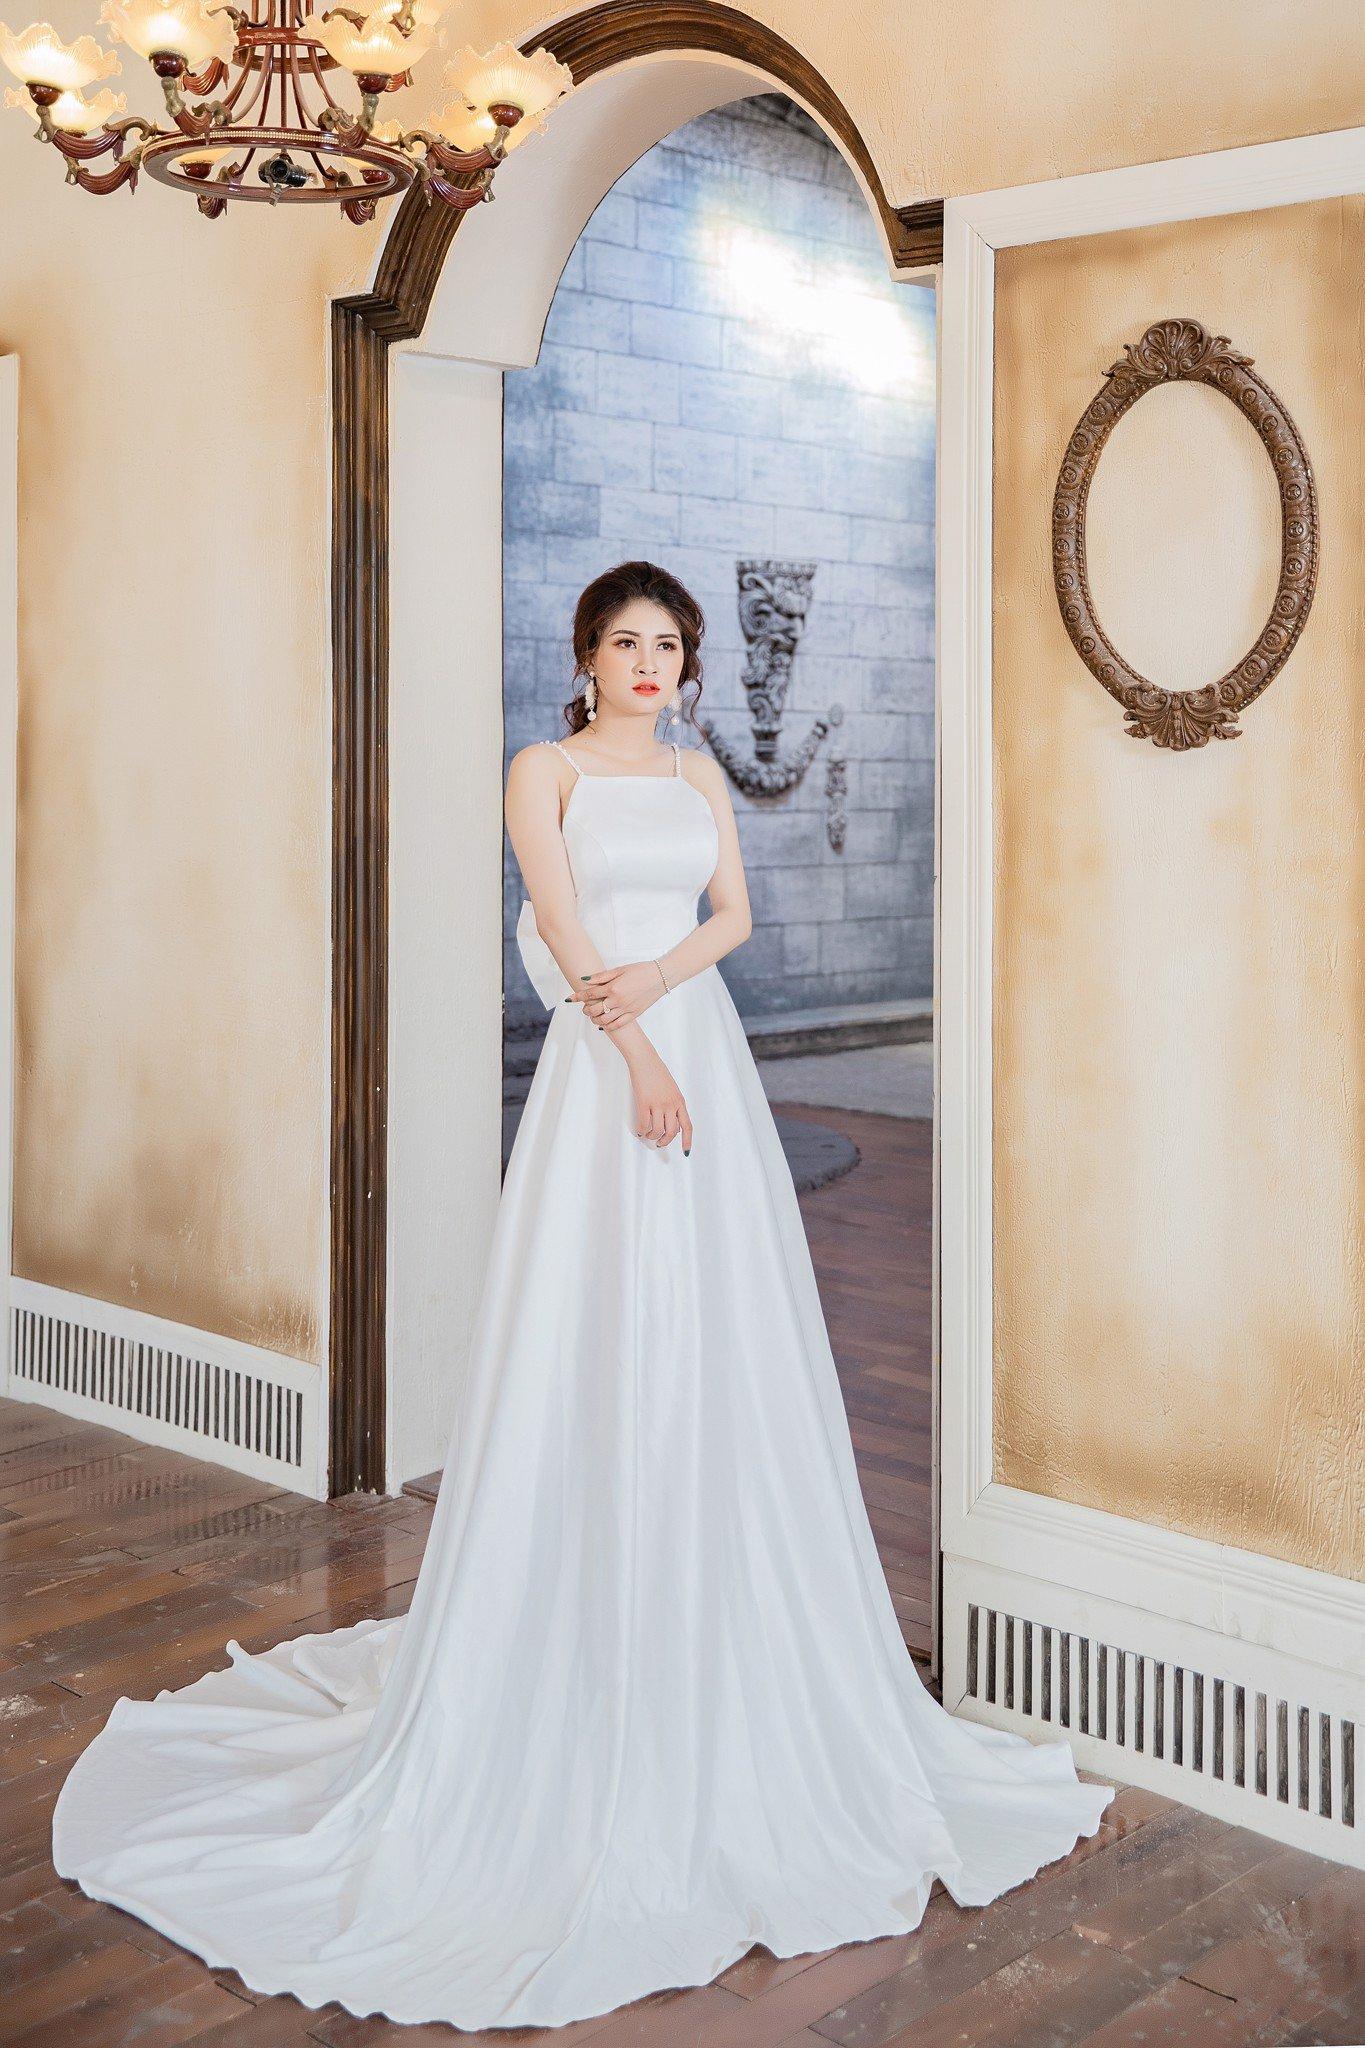 Đầm xòe  Mia Selena thiết kế  đính hạt châu trên vai sang trọng (Trắng)